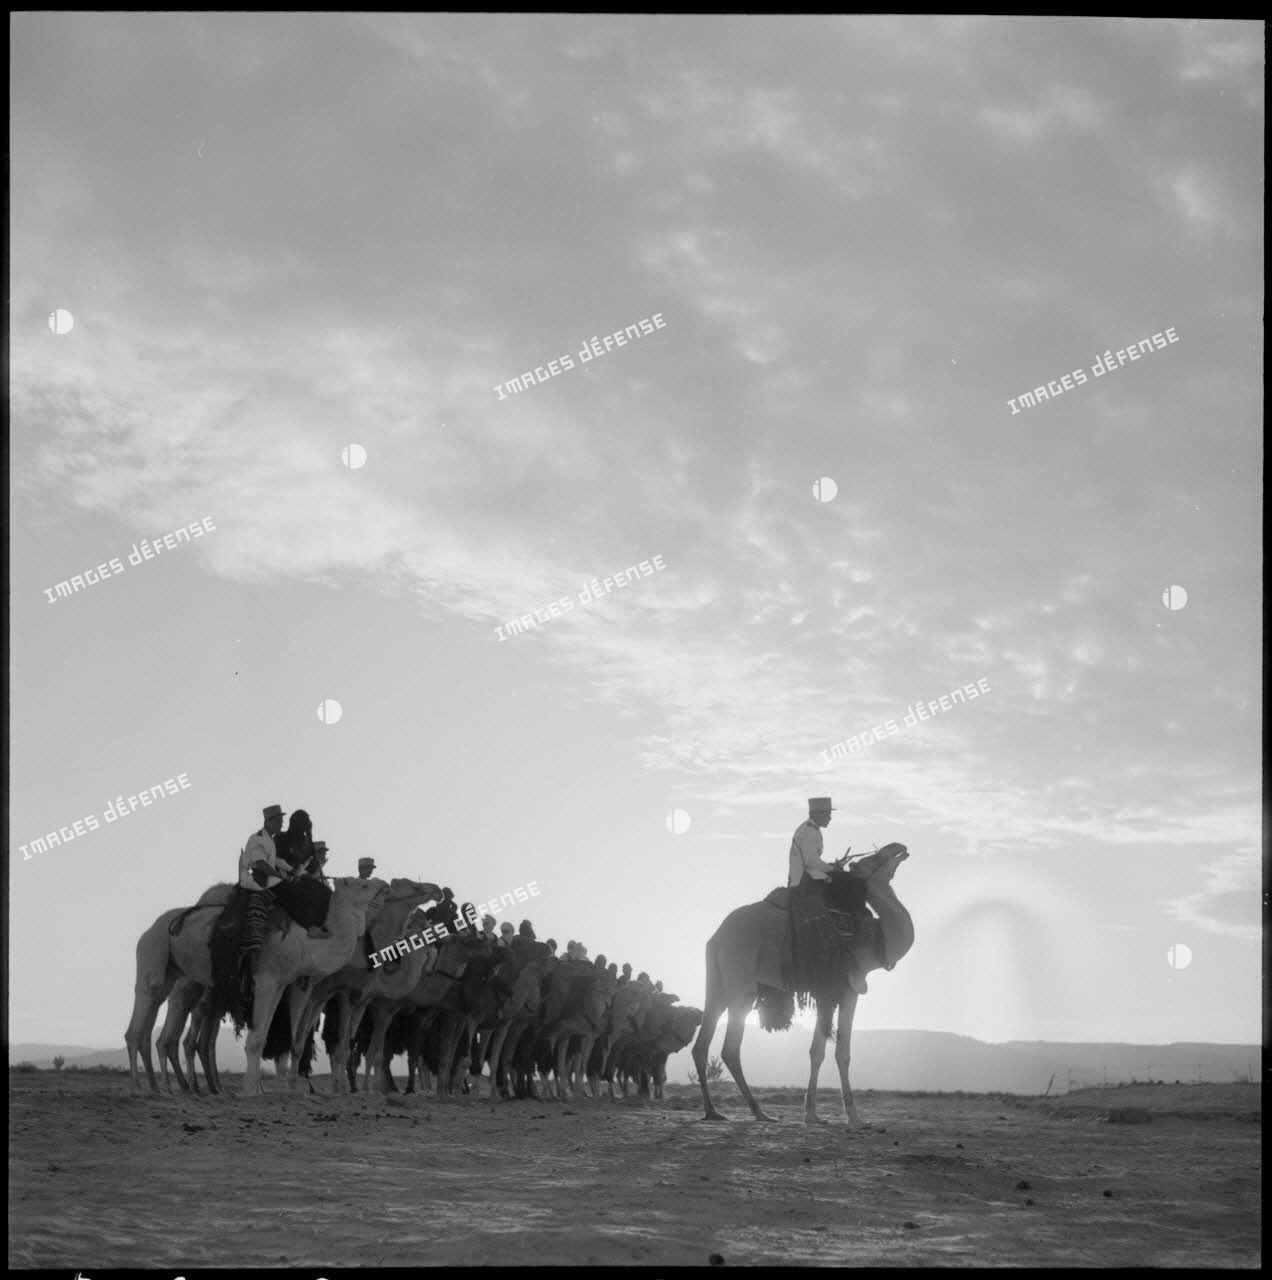 Le commandant du 2e peloton monté de la compagnie méhariste du Tassili (CMT) hissé sur son dromadaire au bordj de Tarat.